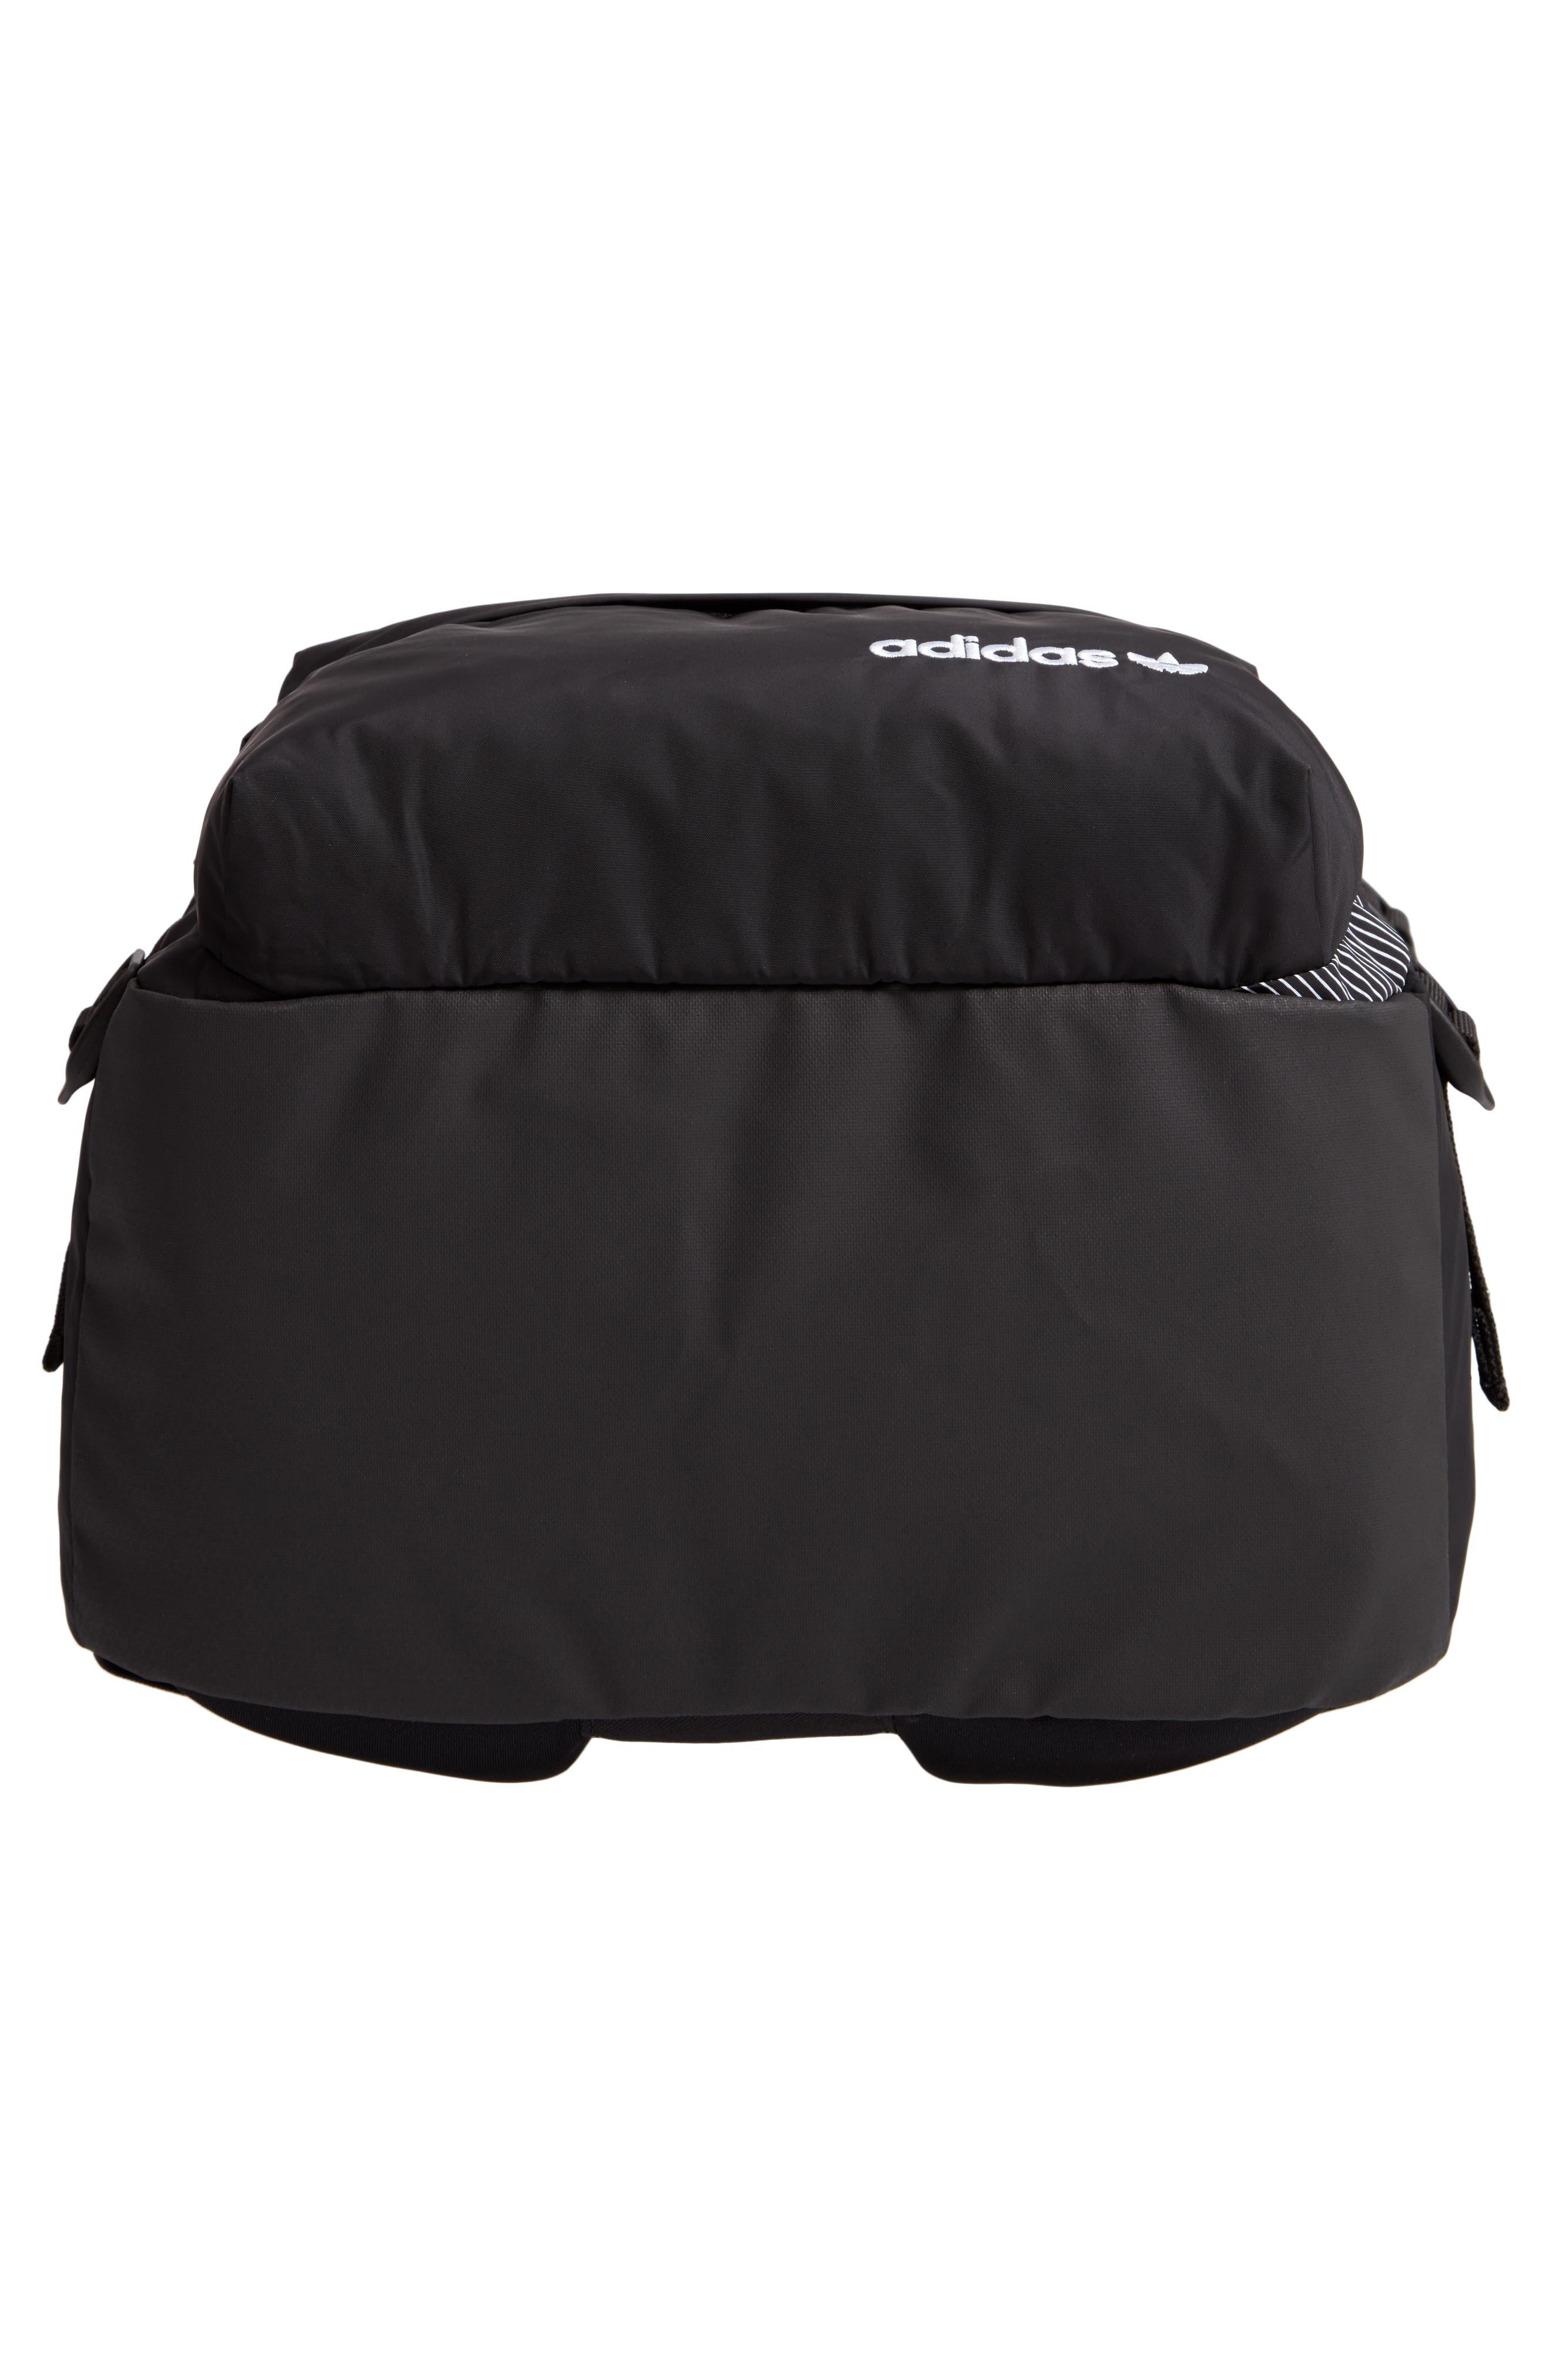 EQT Backpack,                             Alternate thumbnail 6, color,                             BLACK/ WHITE/ SUB GREEN